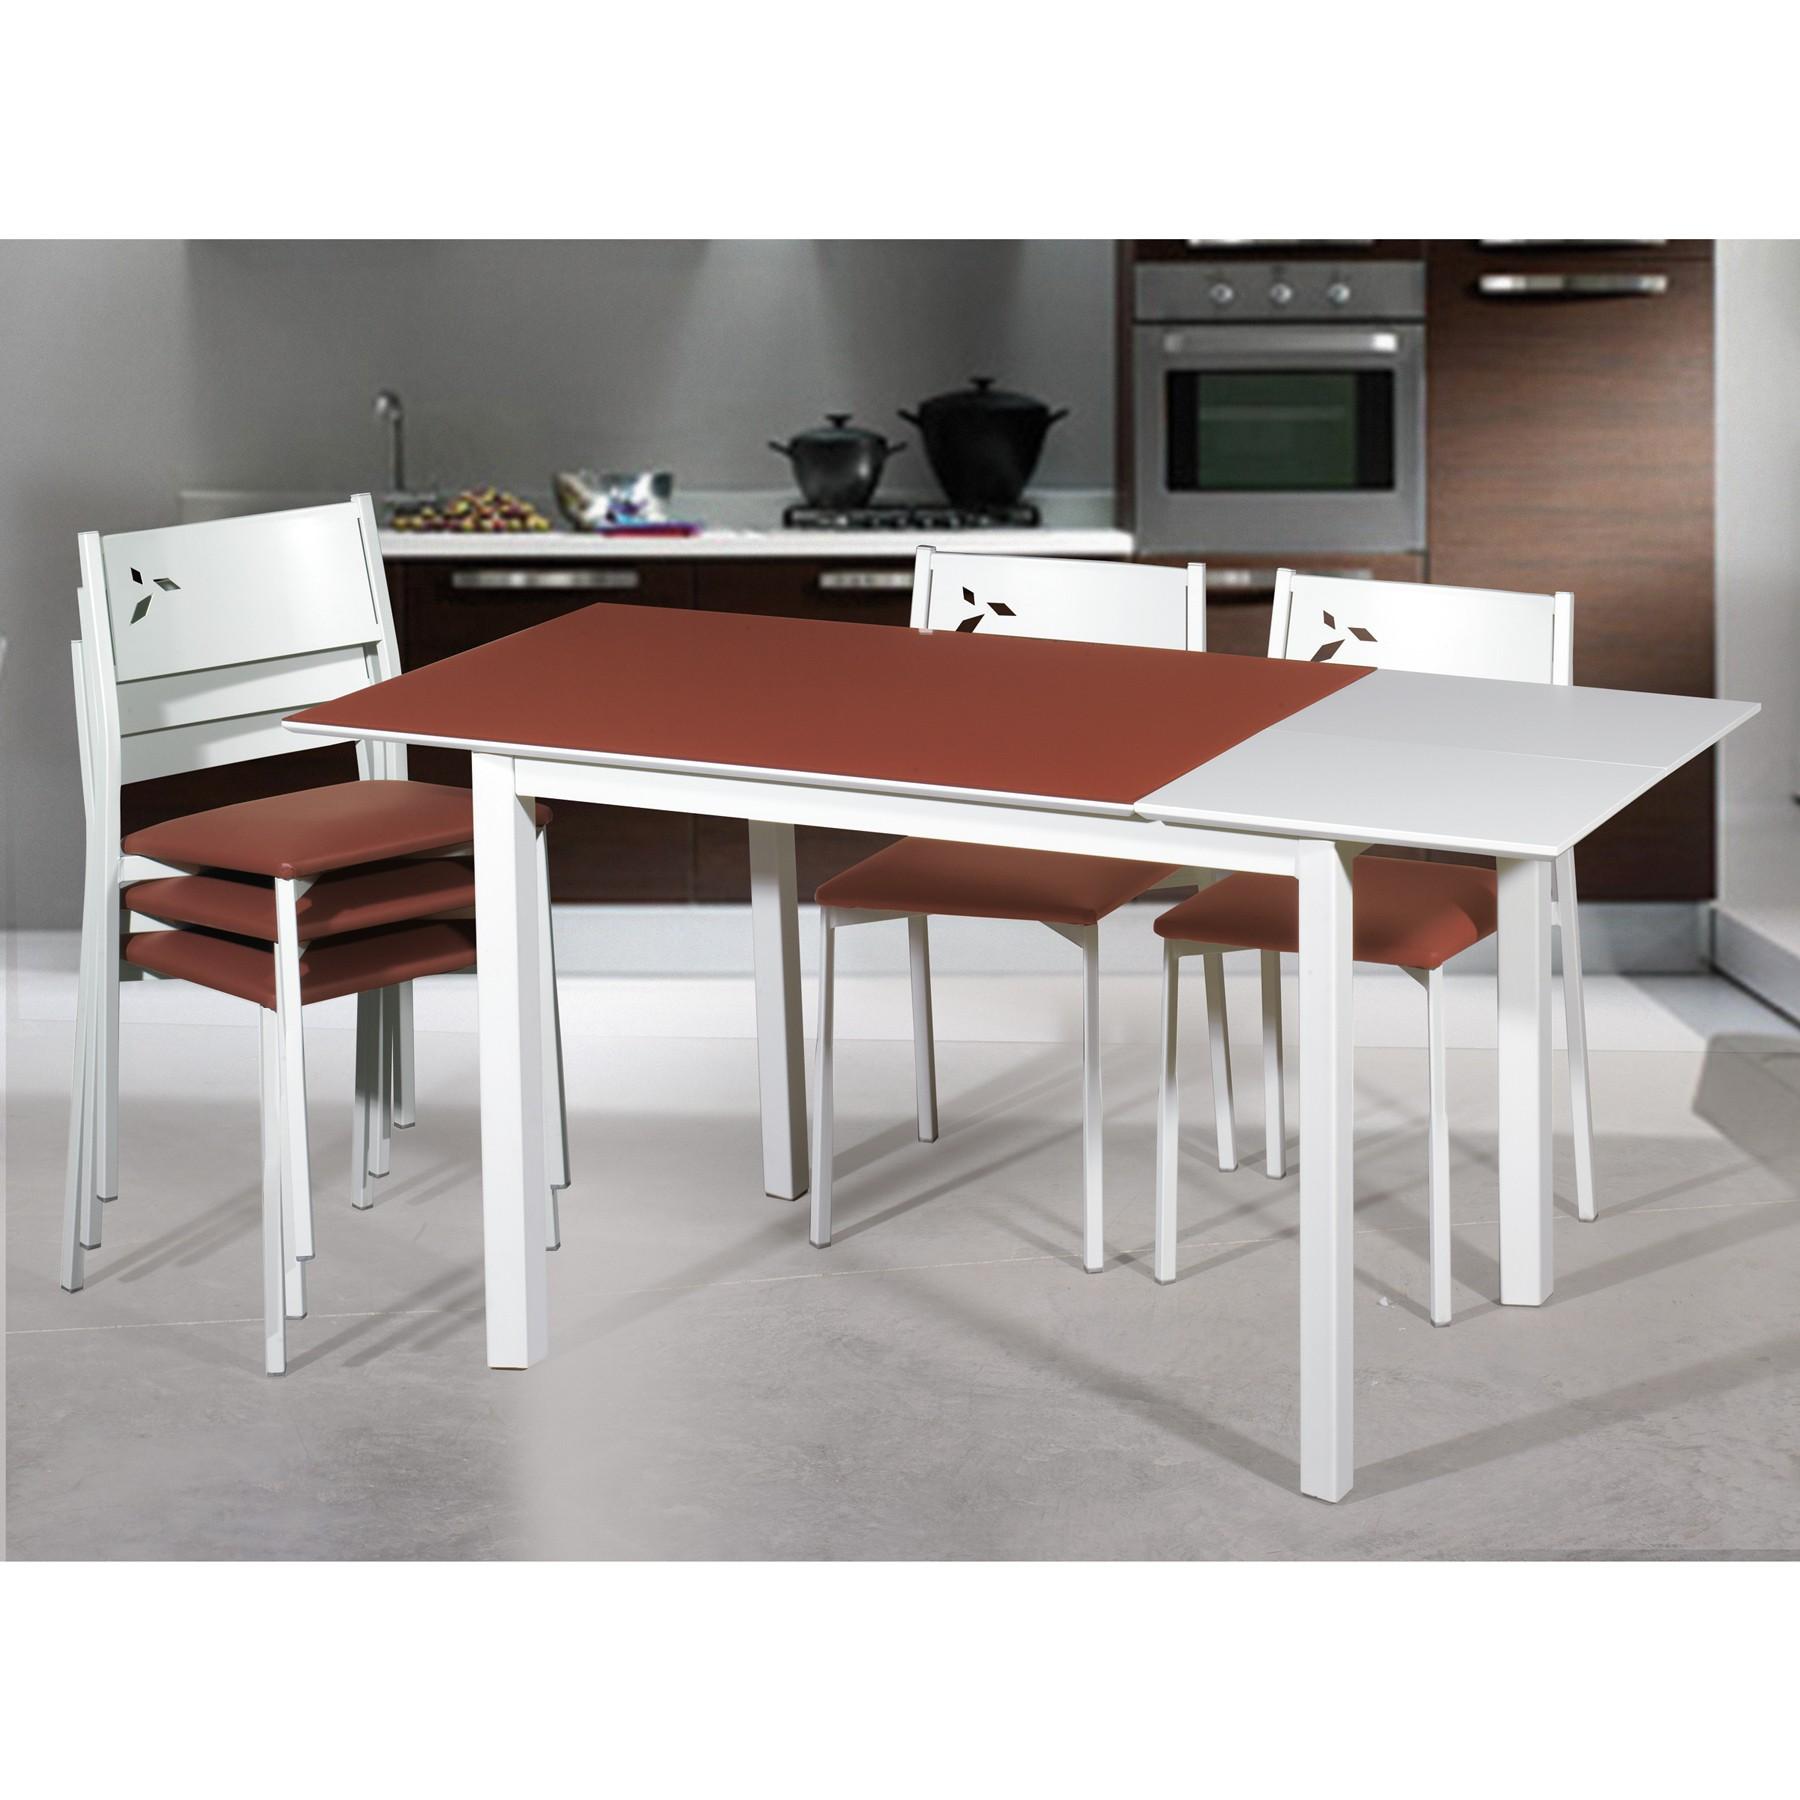 Oferta conjunto mesa y sillas de cocina blancas white - Mesas de cocina y sillas ...